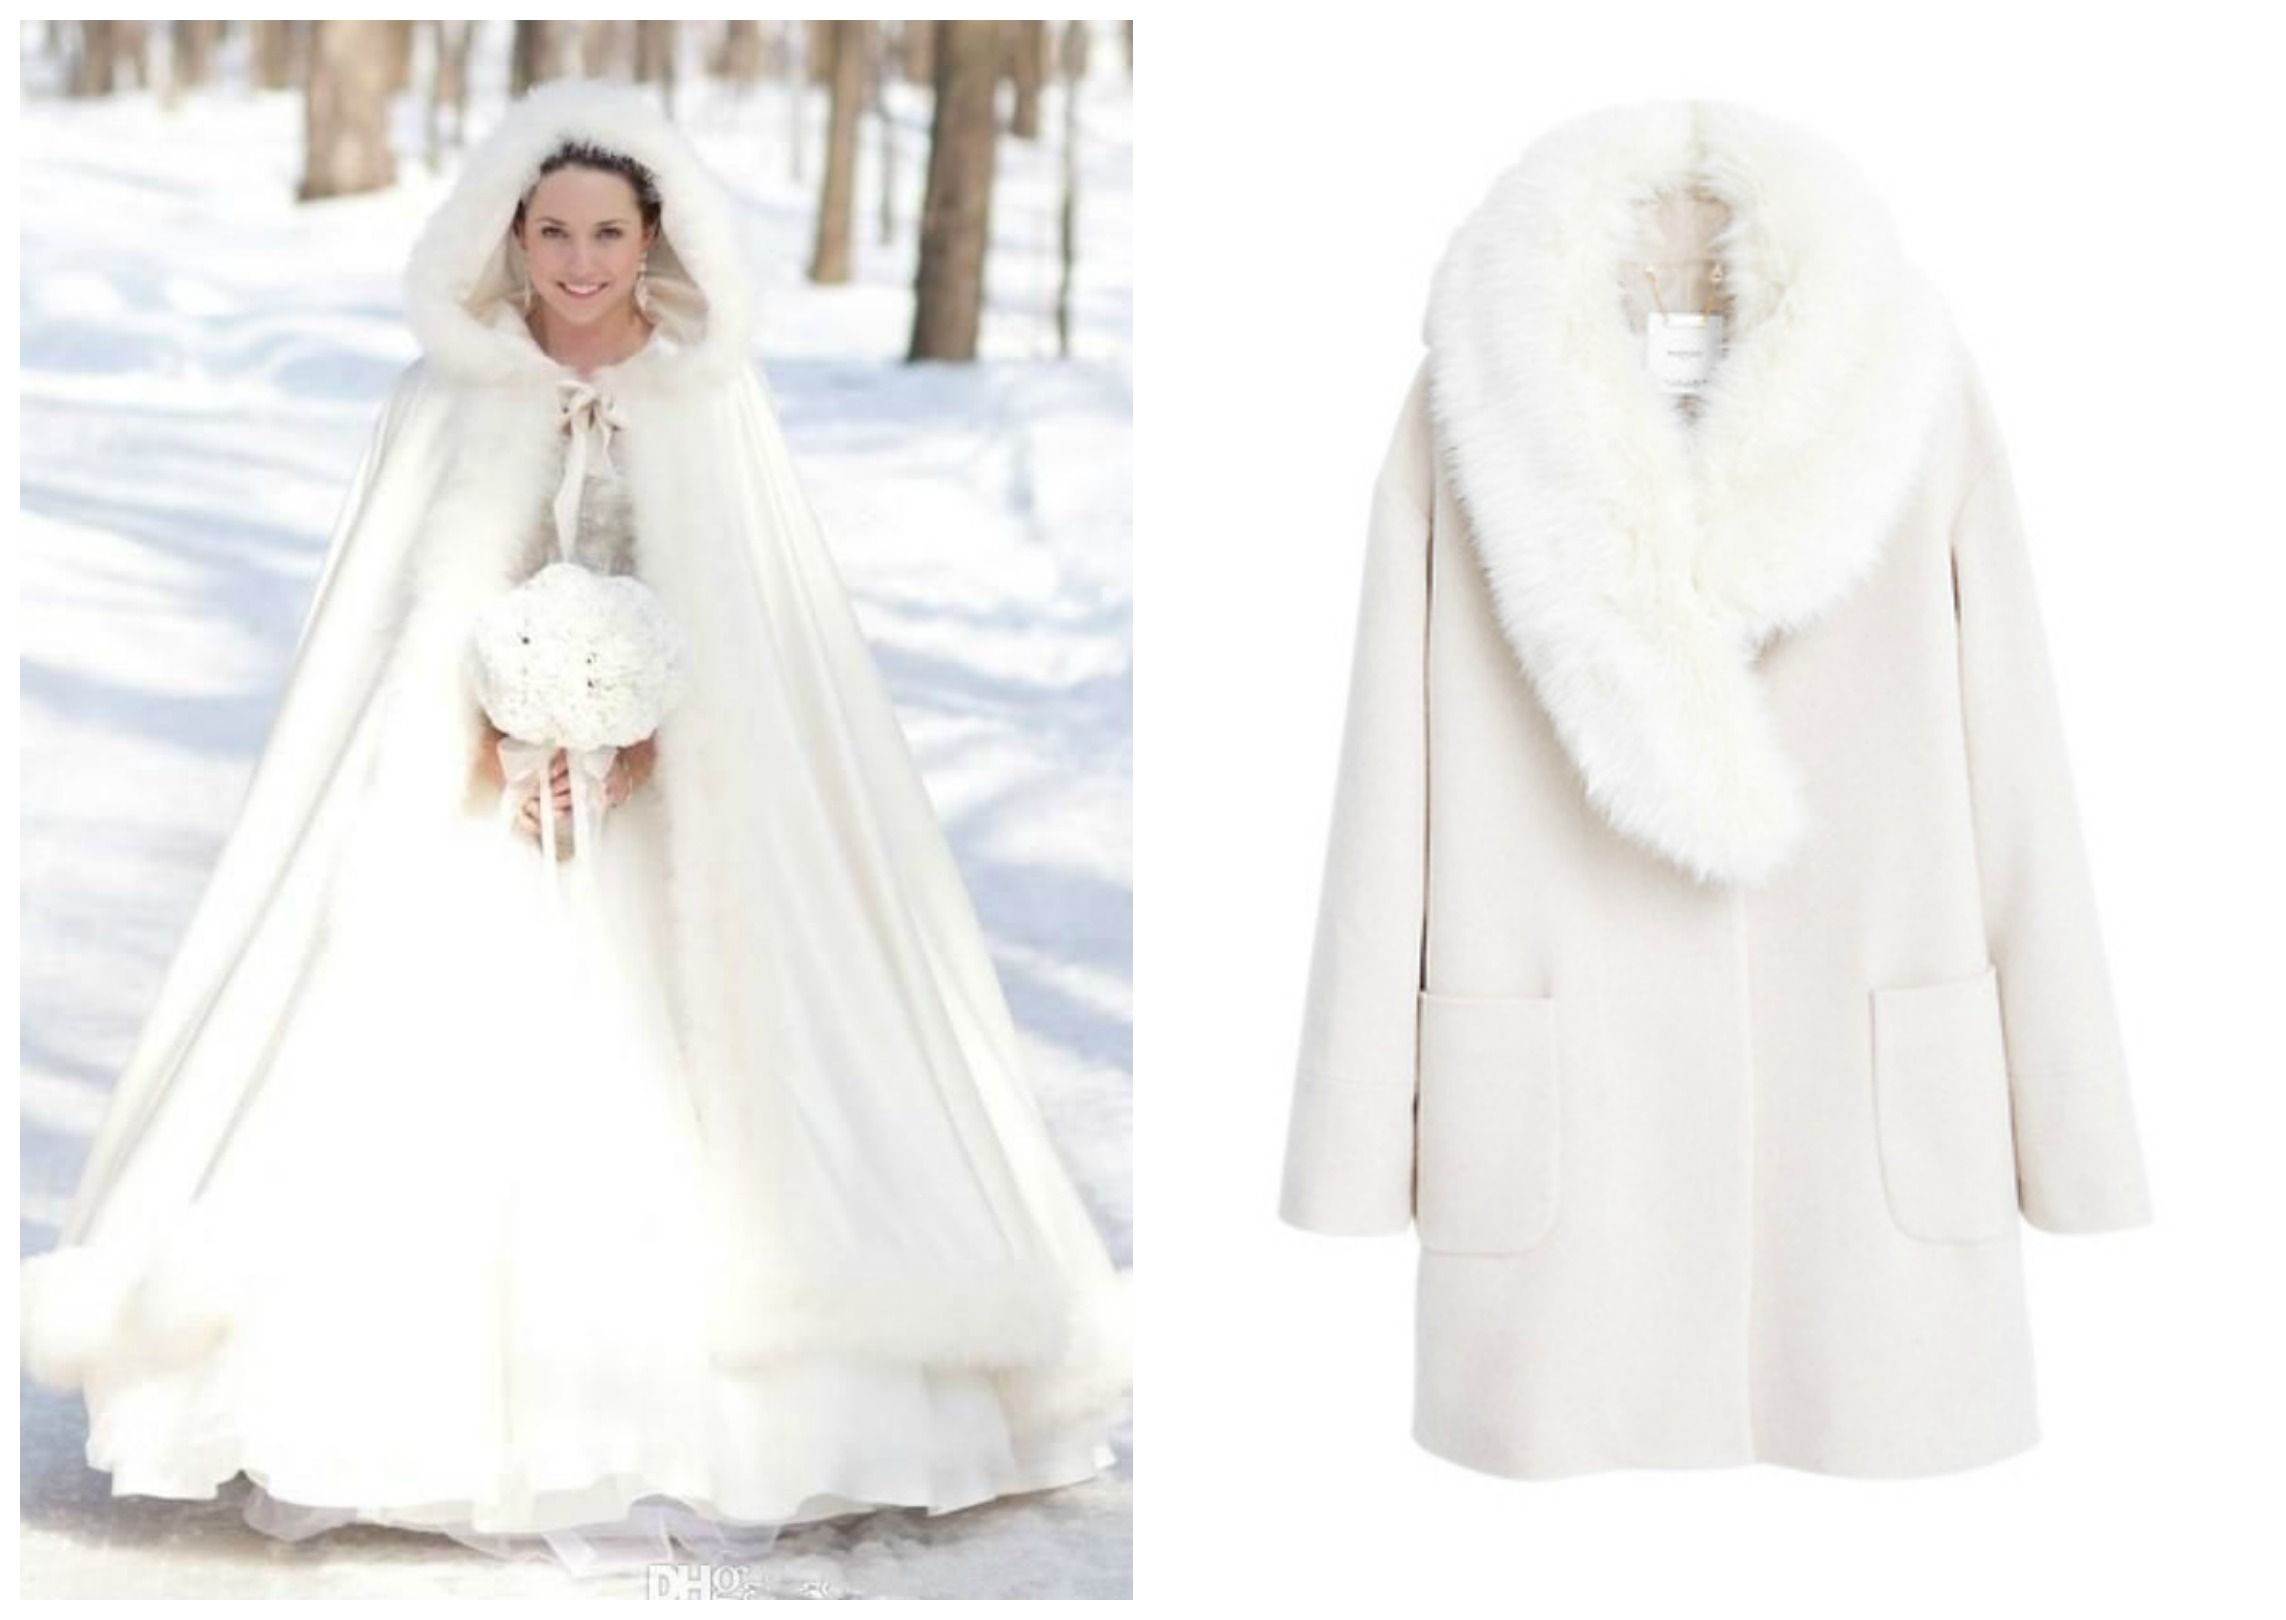 Manteau pour robe de mariee hiver les robes sont populaires partout dans le monde - Manteau mariage hiver ...